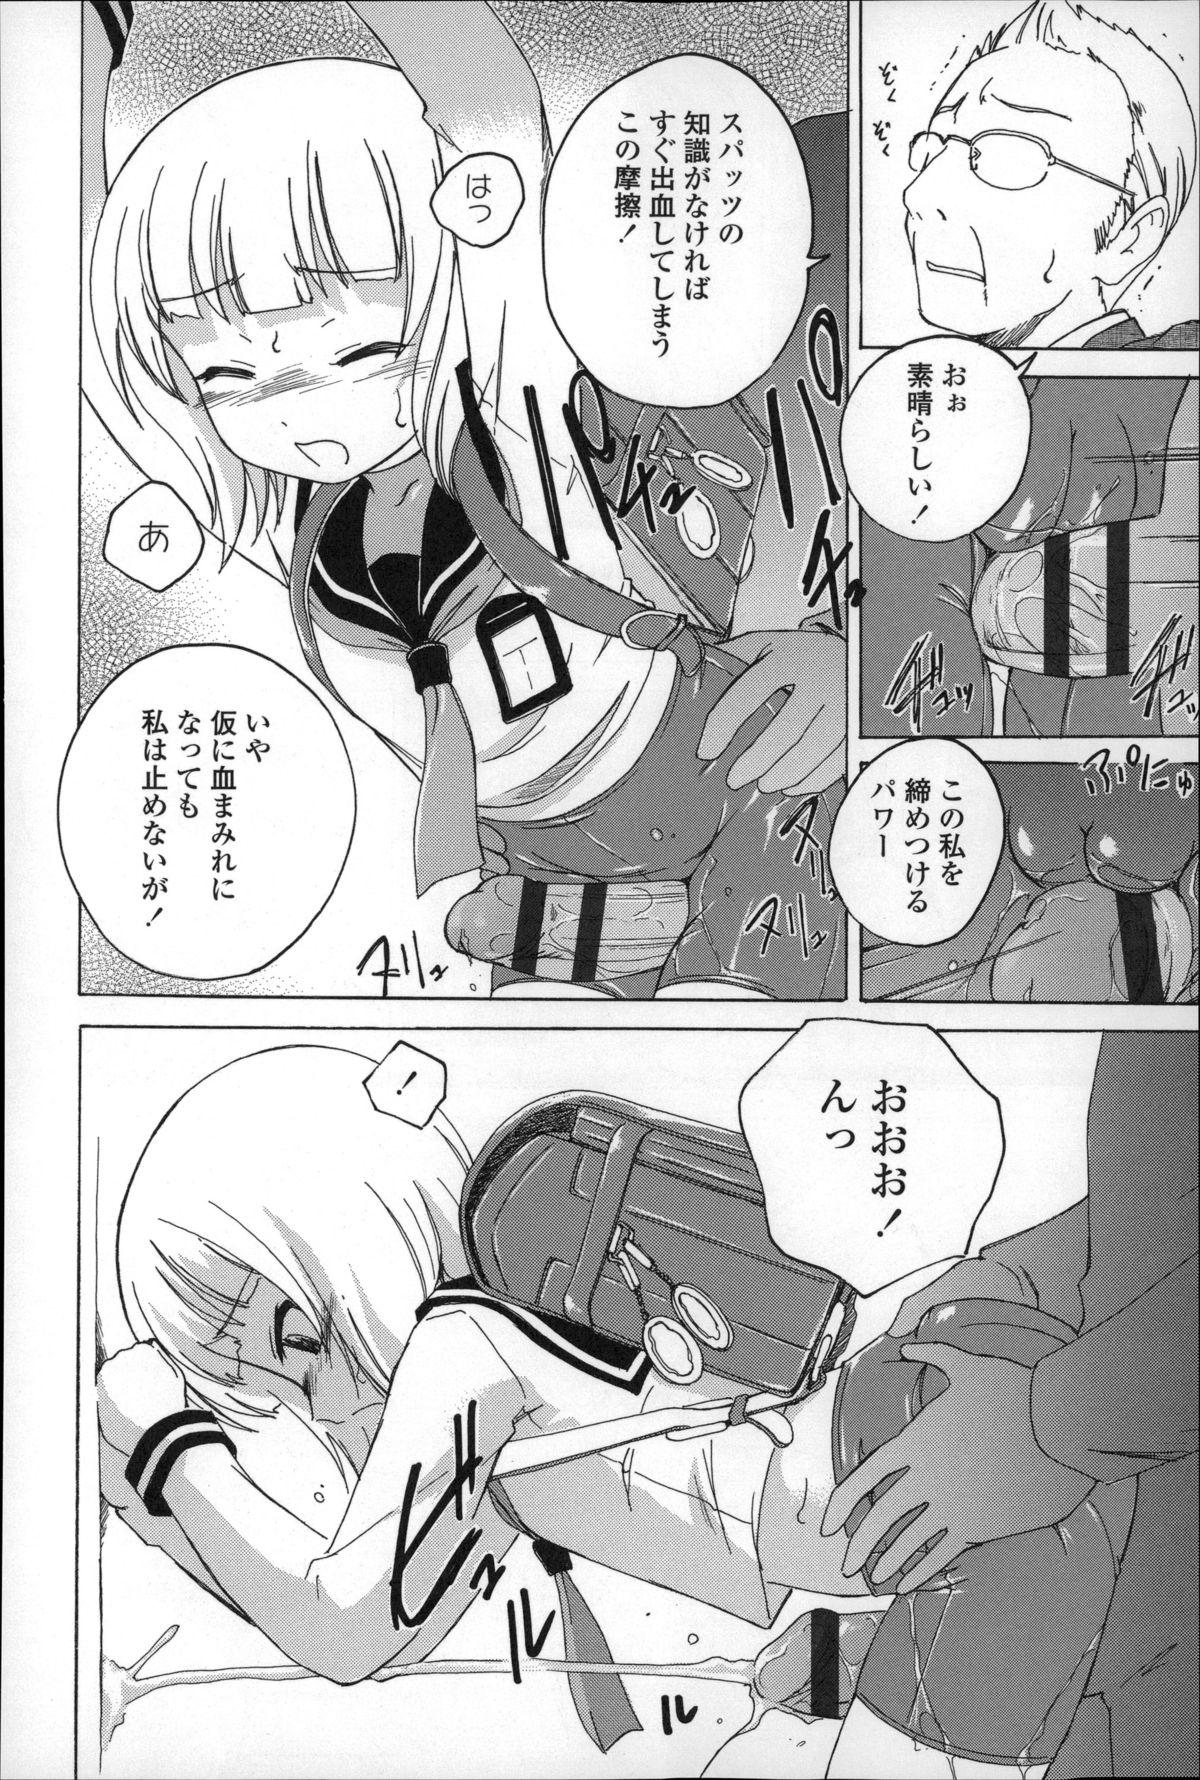 Youshou no Hana no Himitsu - The secret of Girls flowers 119